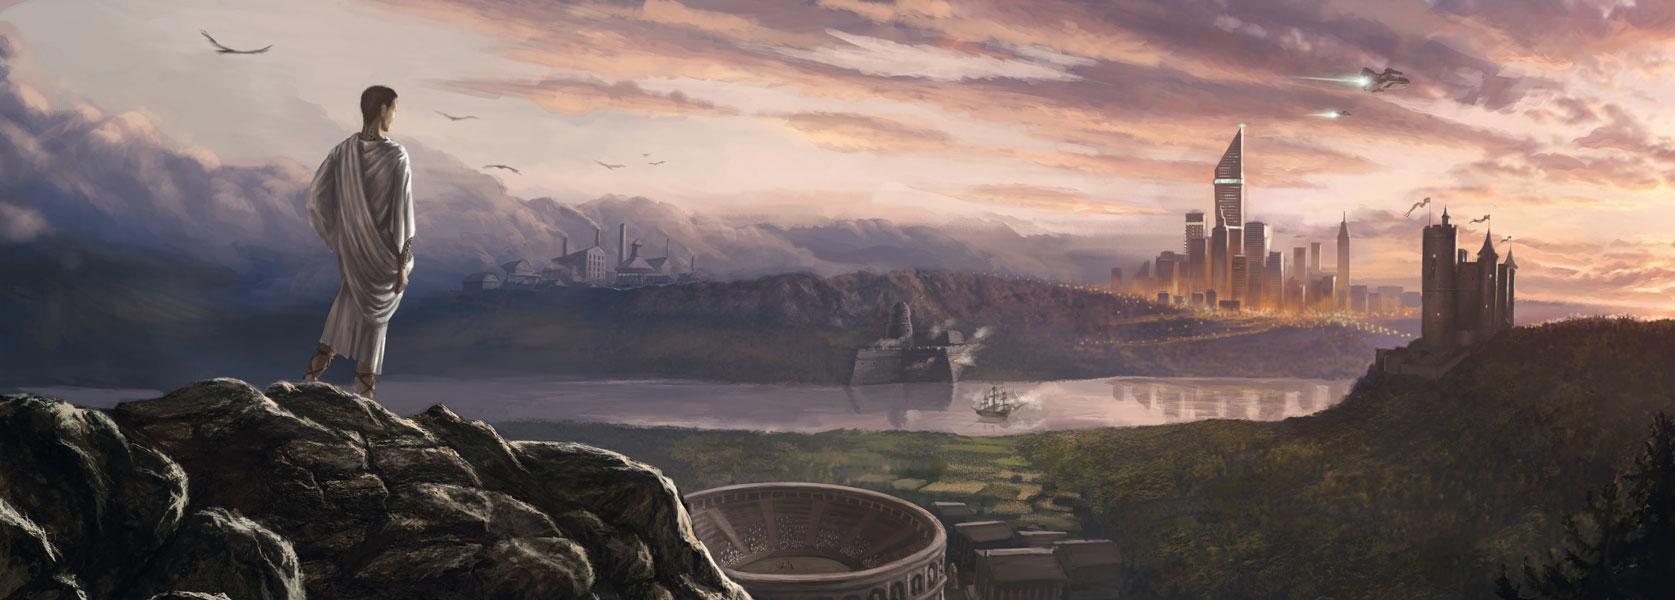 Carte postale panoramique de Clooms - Le Cours du temps